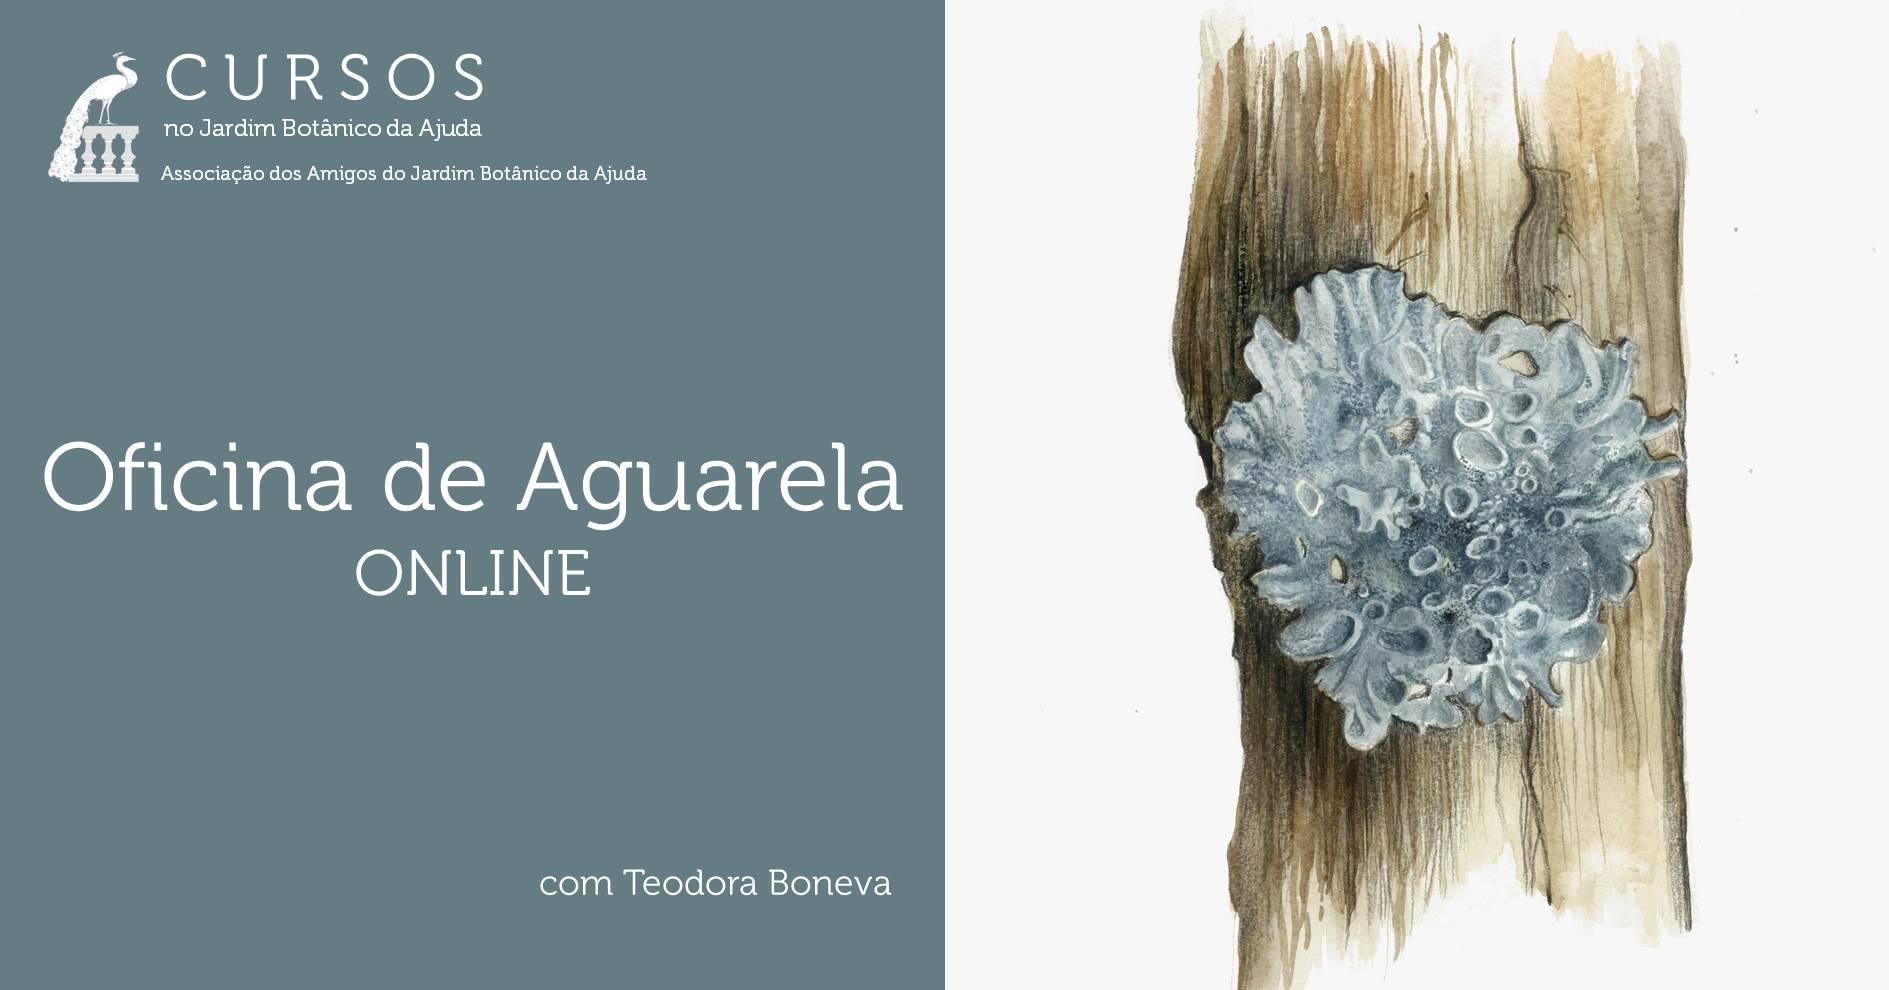 Oficina de Aguarela | ONLINE - ADIADO